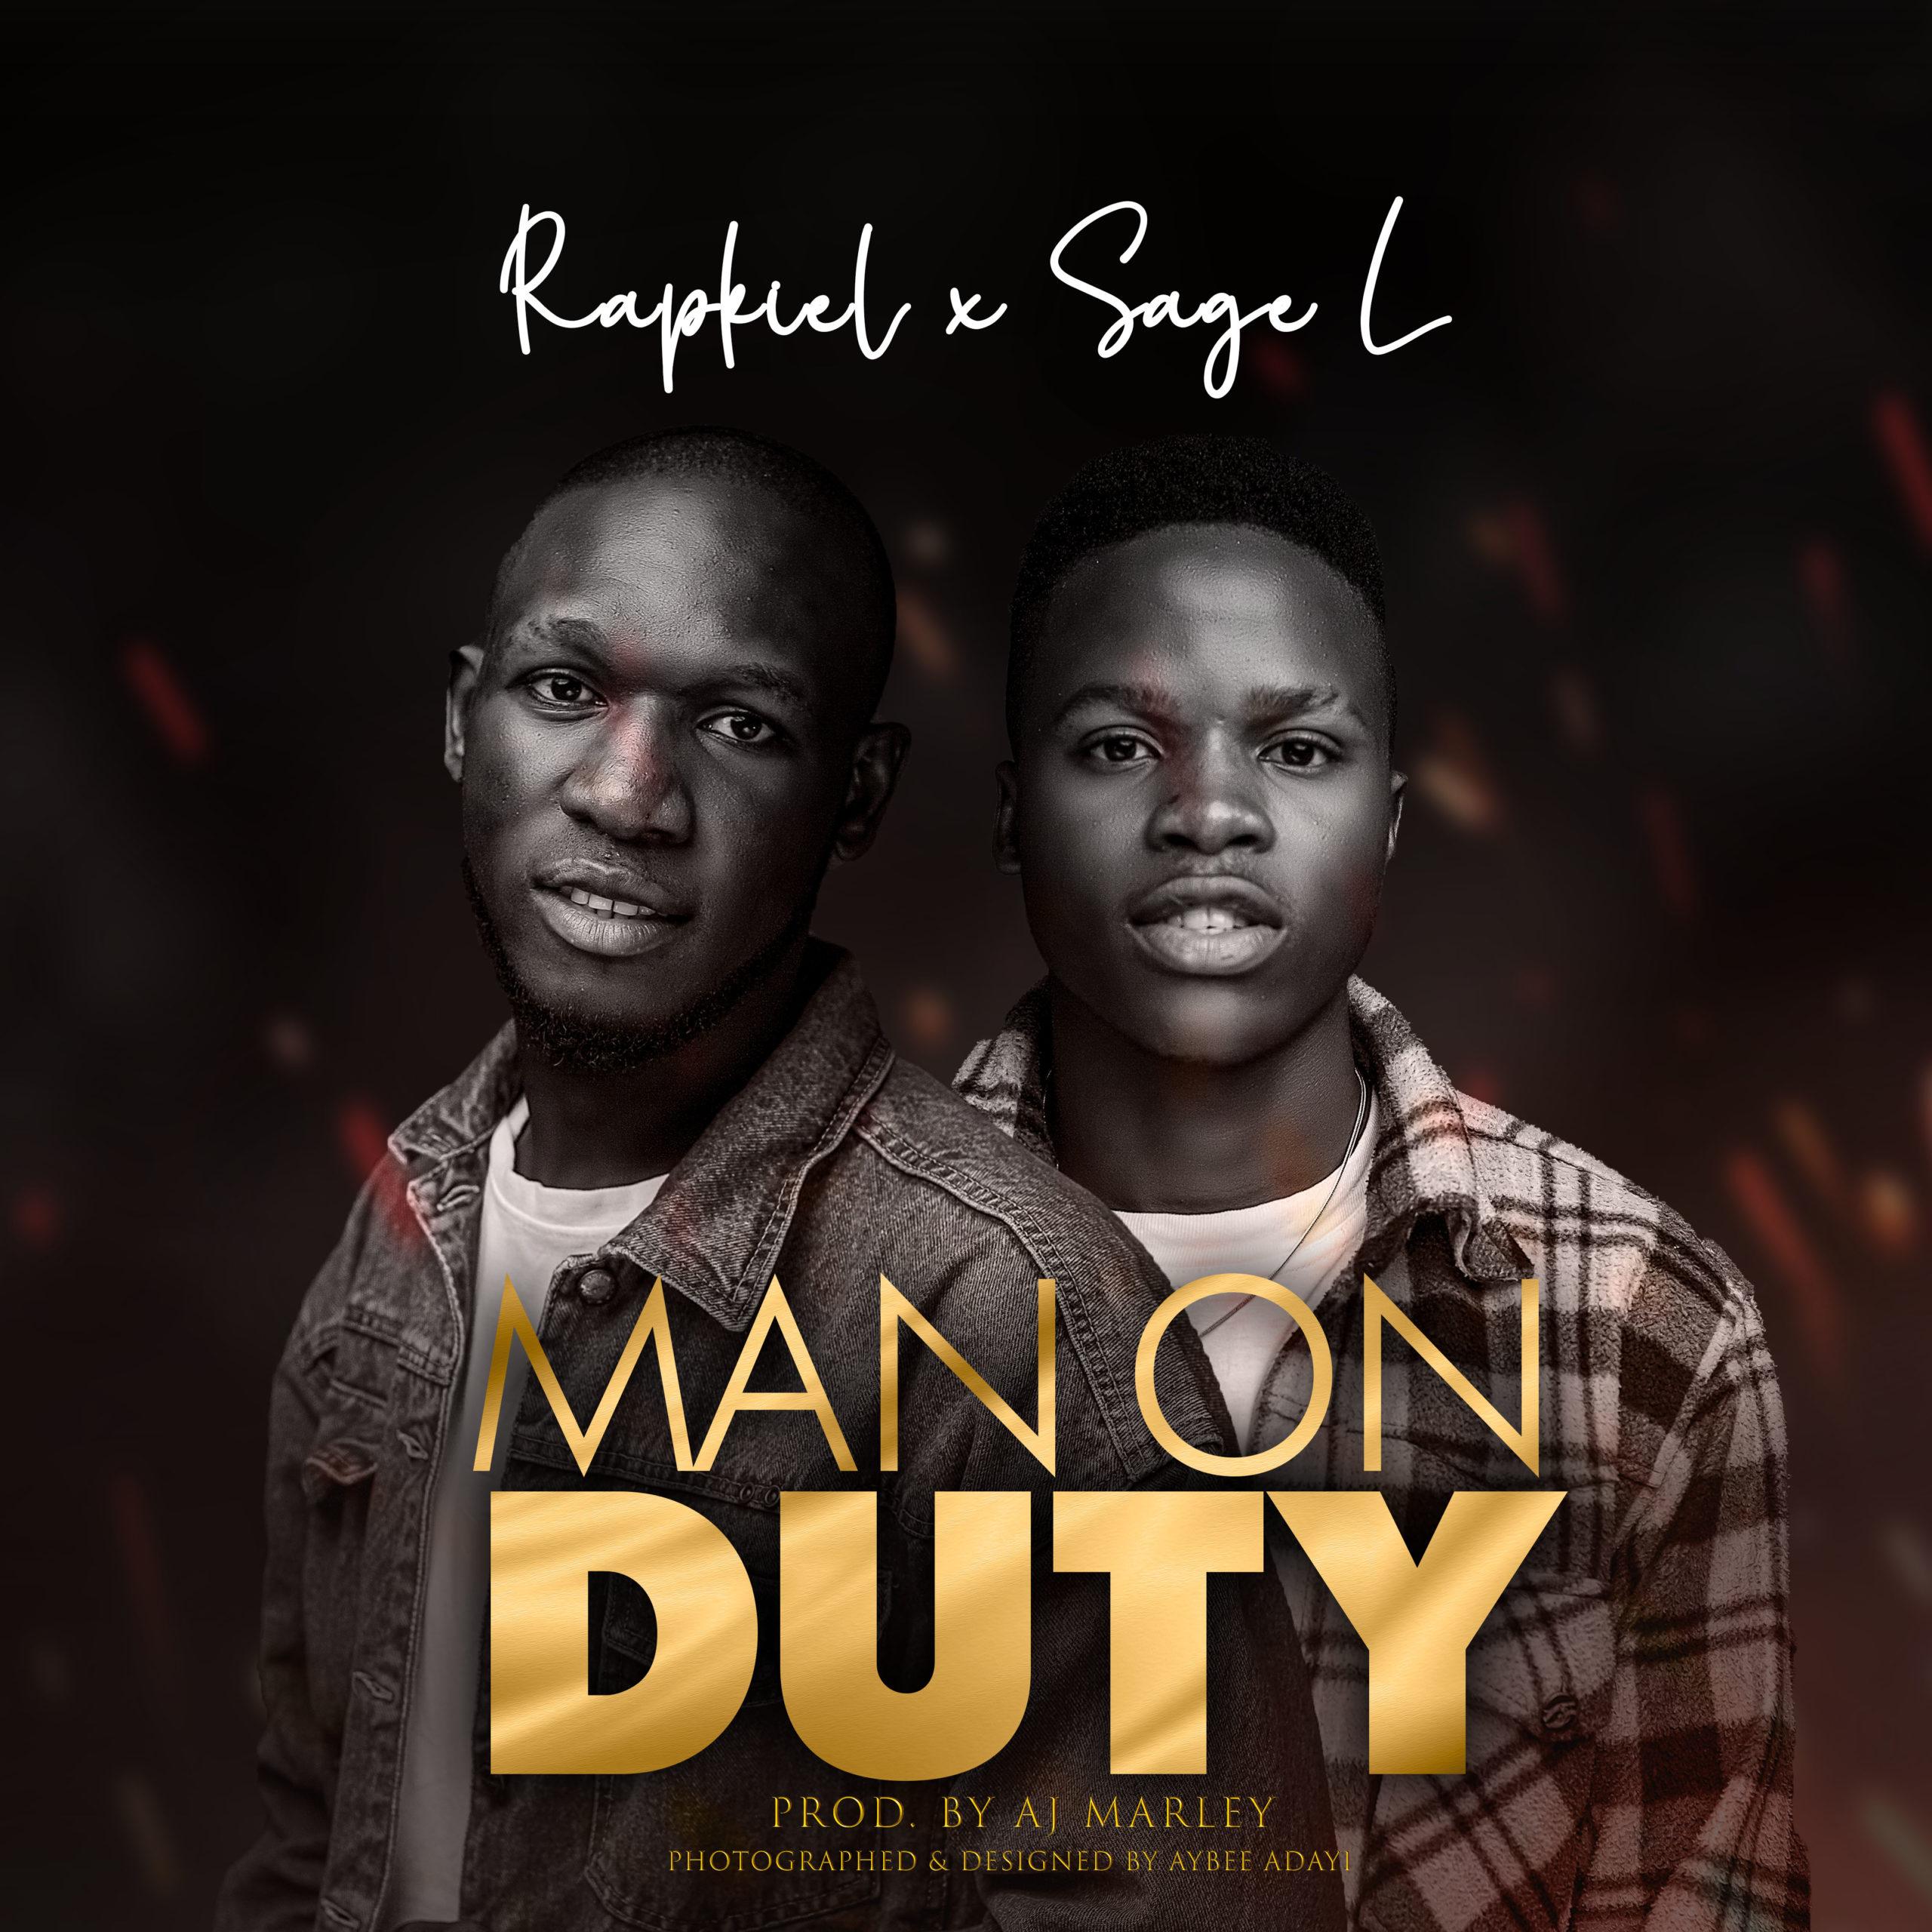 DOWNLOAD Music: Rapkiel x Sage l – Man Of Duty